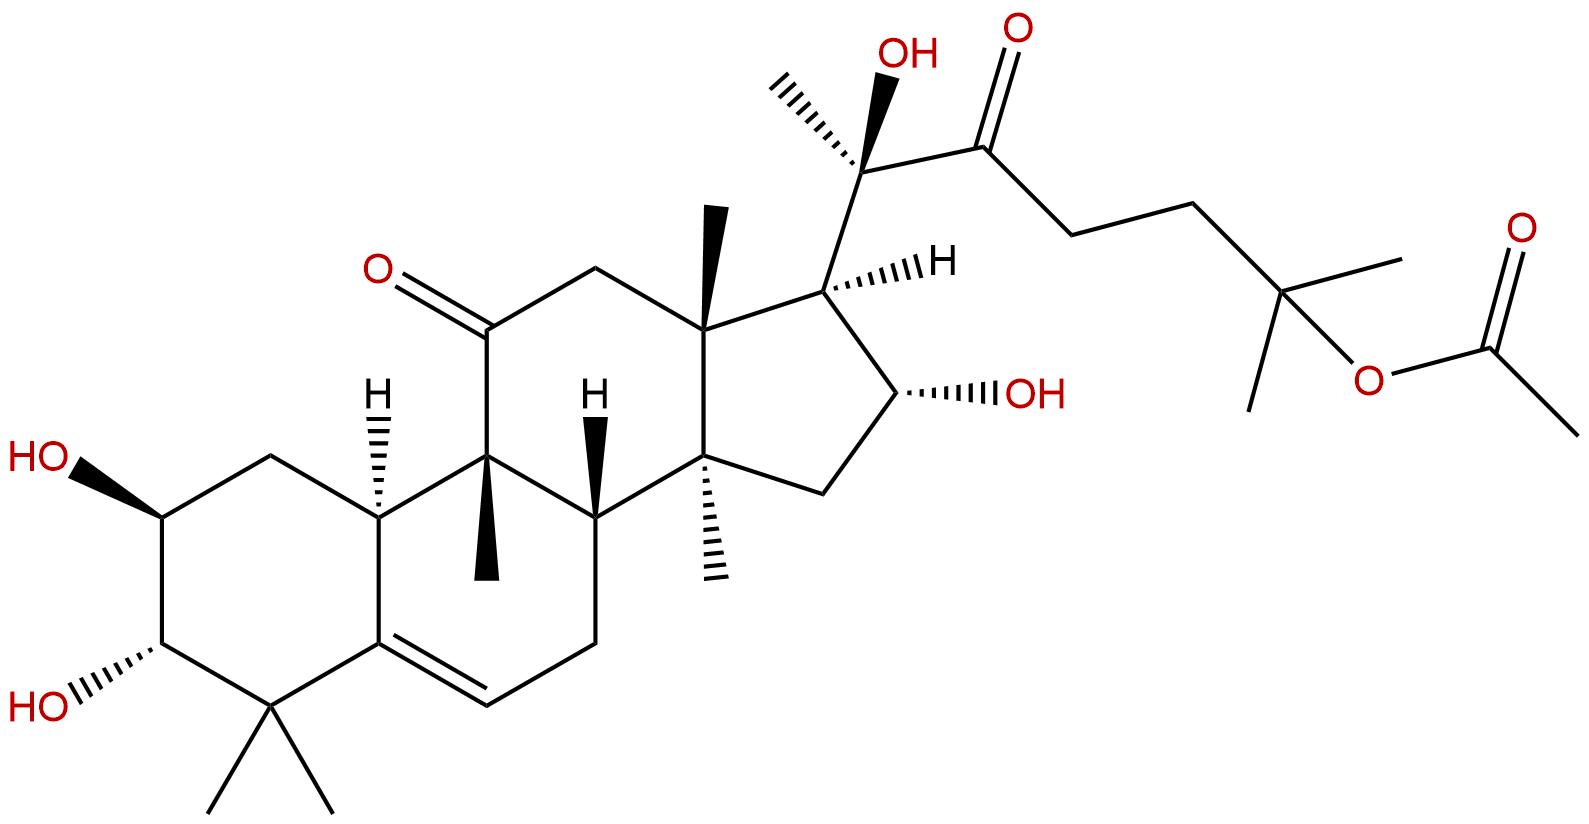 Hemslecin A